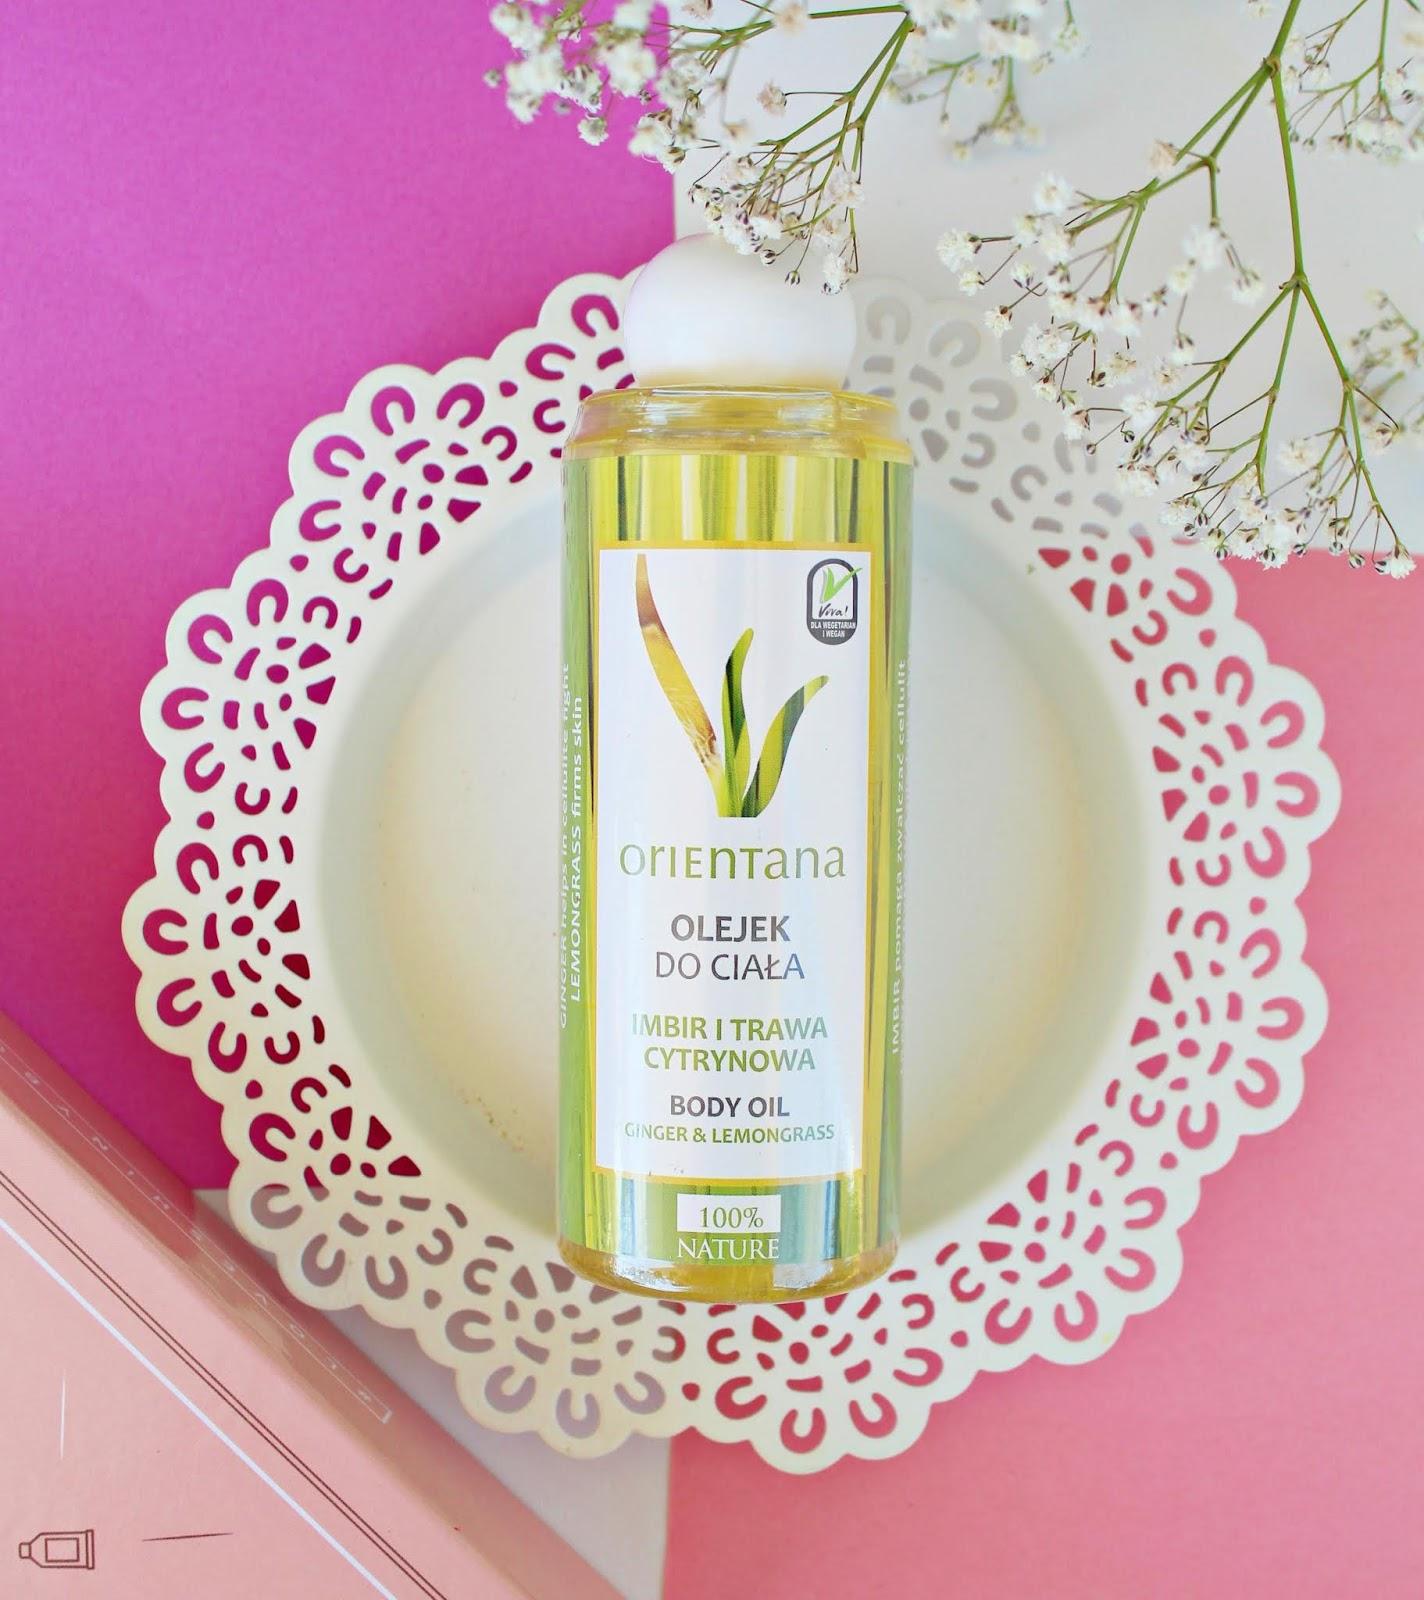 Naturalny olejek do ciała imbir i trawa cytrynowa marki Orientana